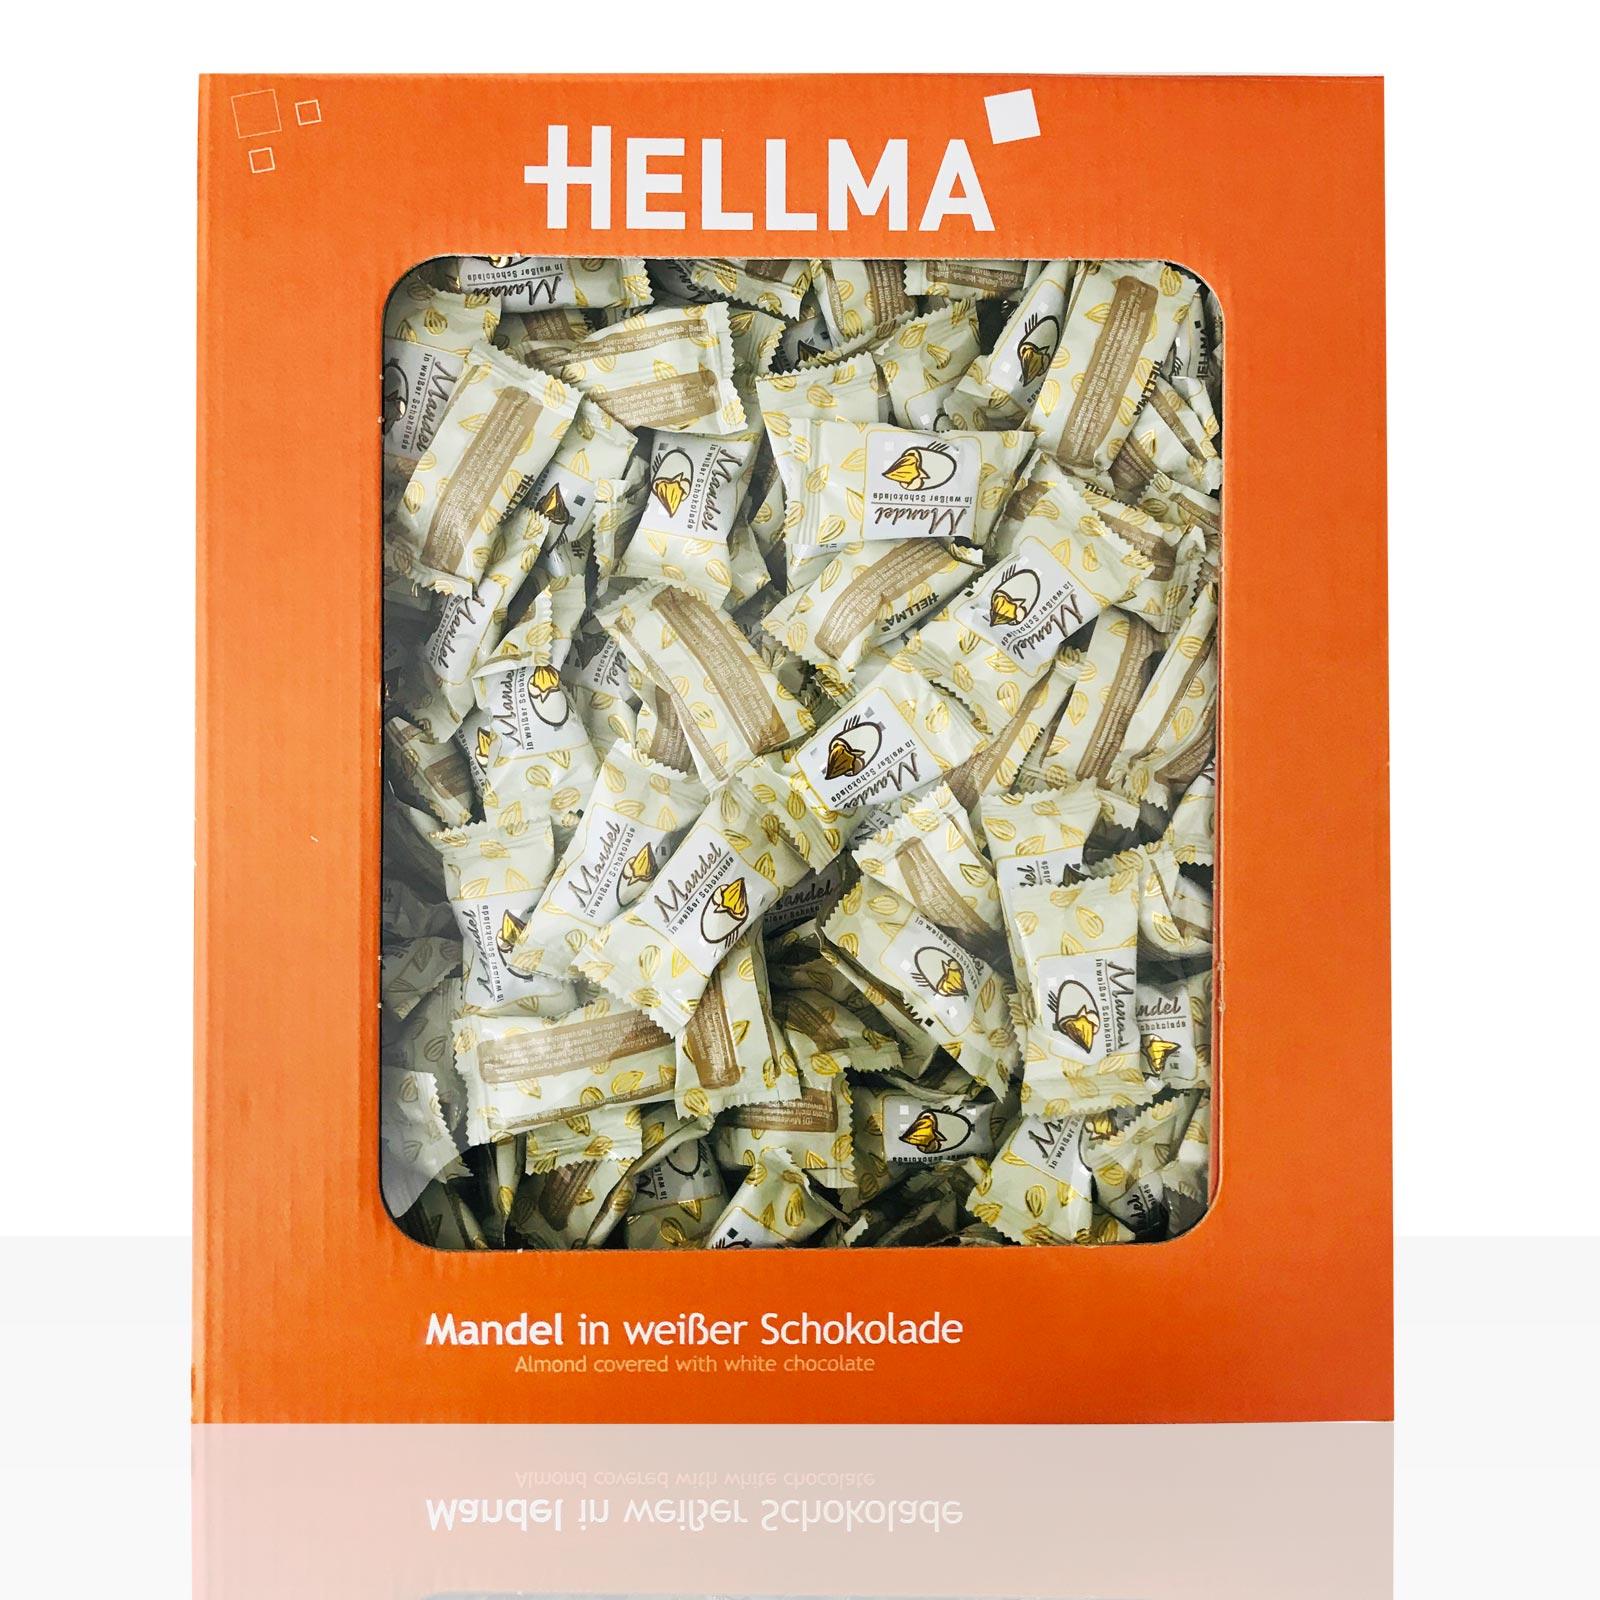 Hellma Mandel in weißer Schokolade ca. 360 Portionen